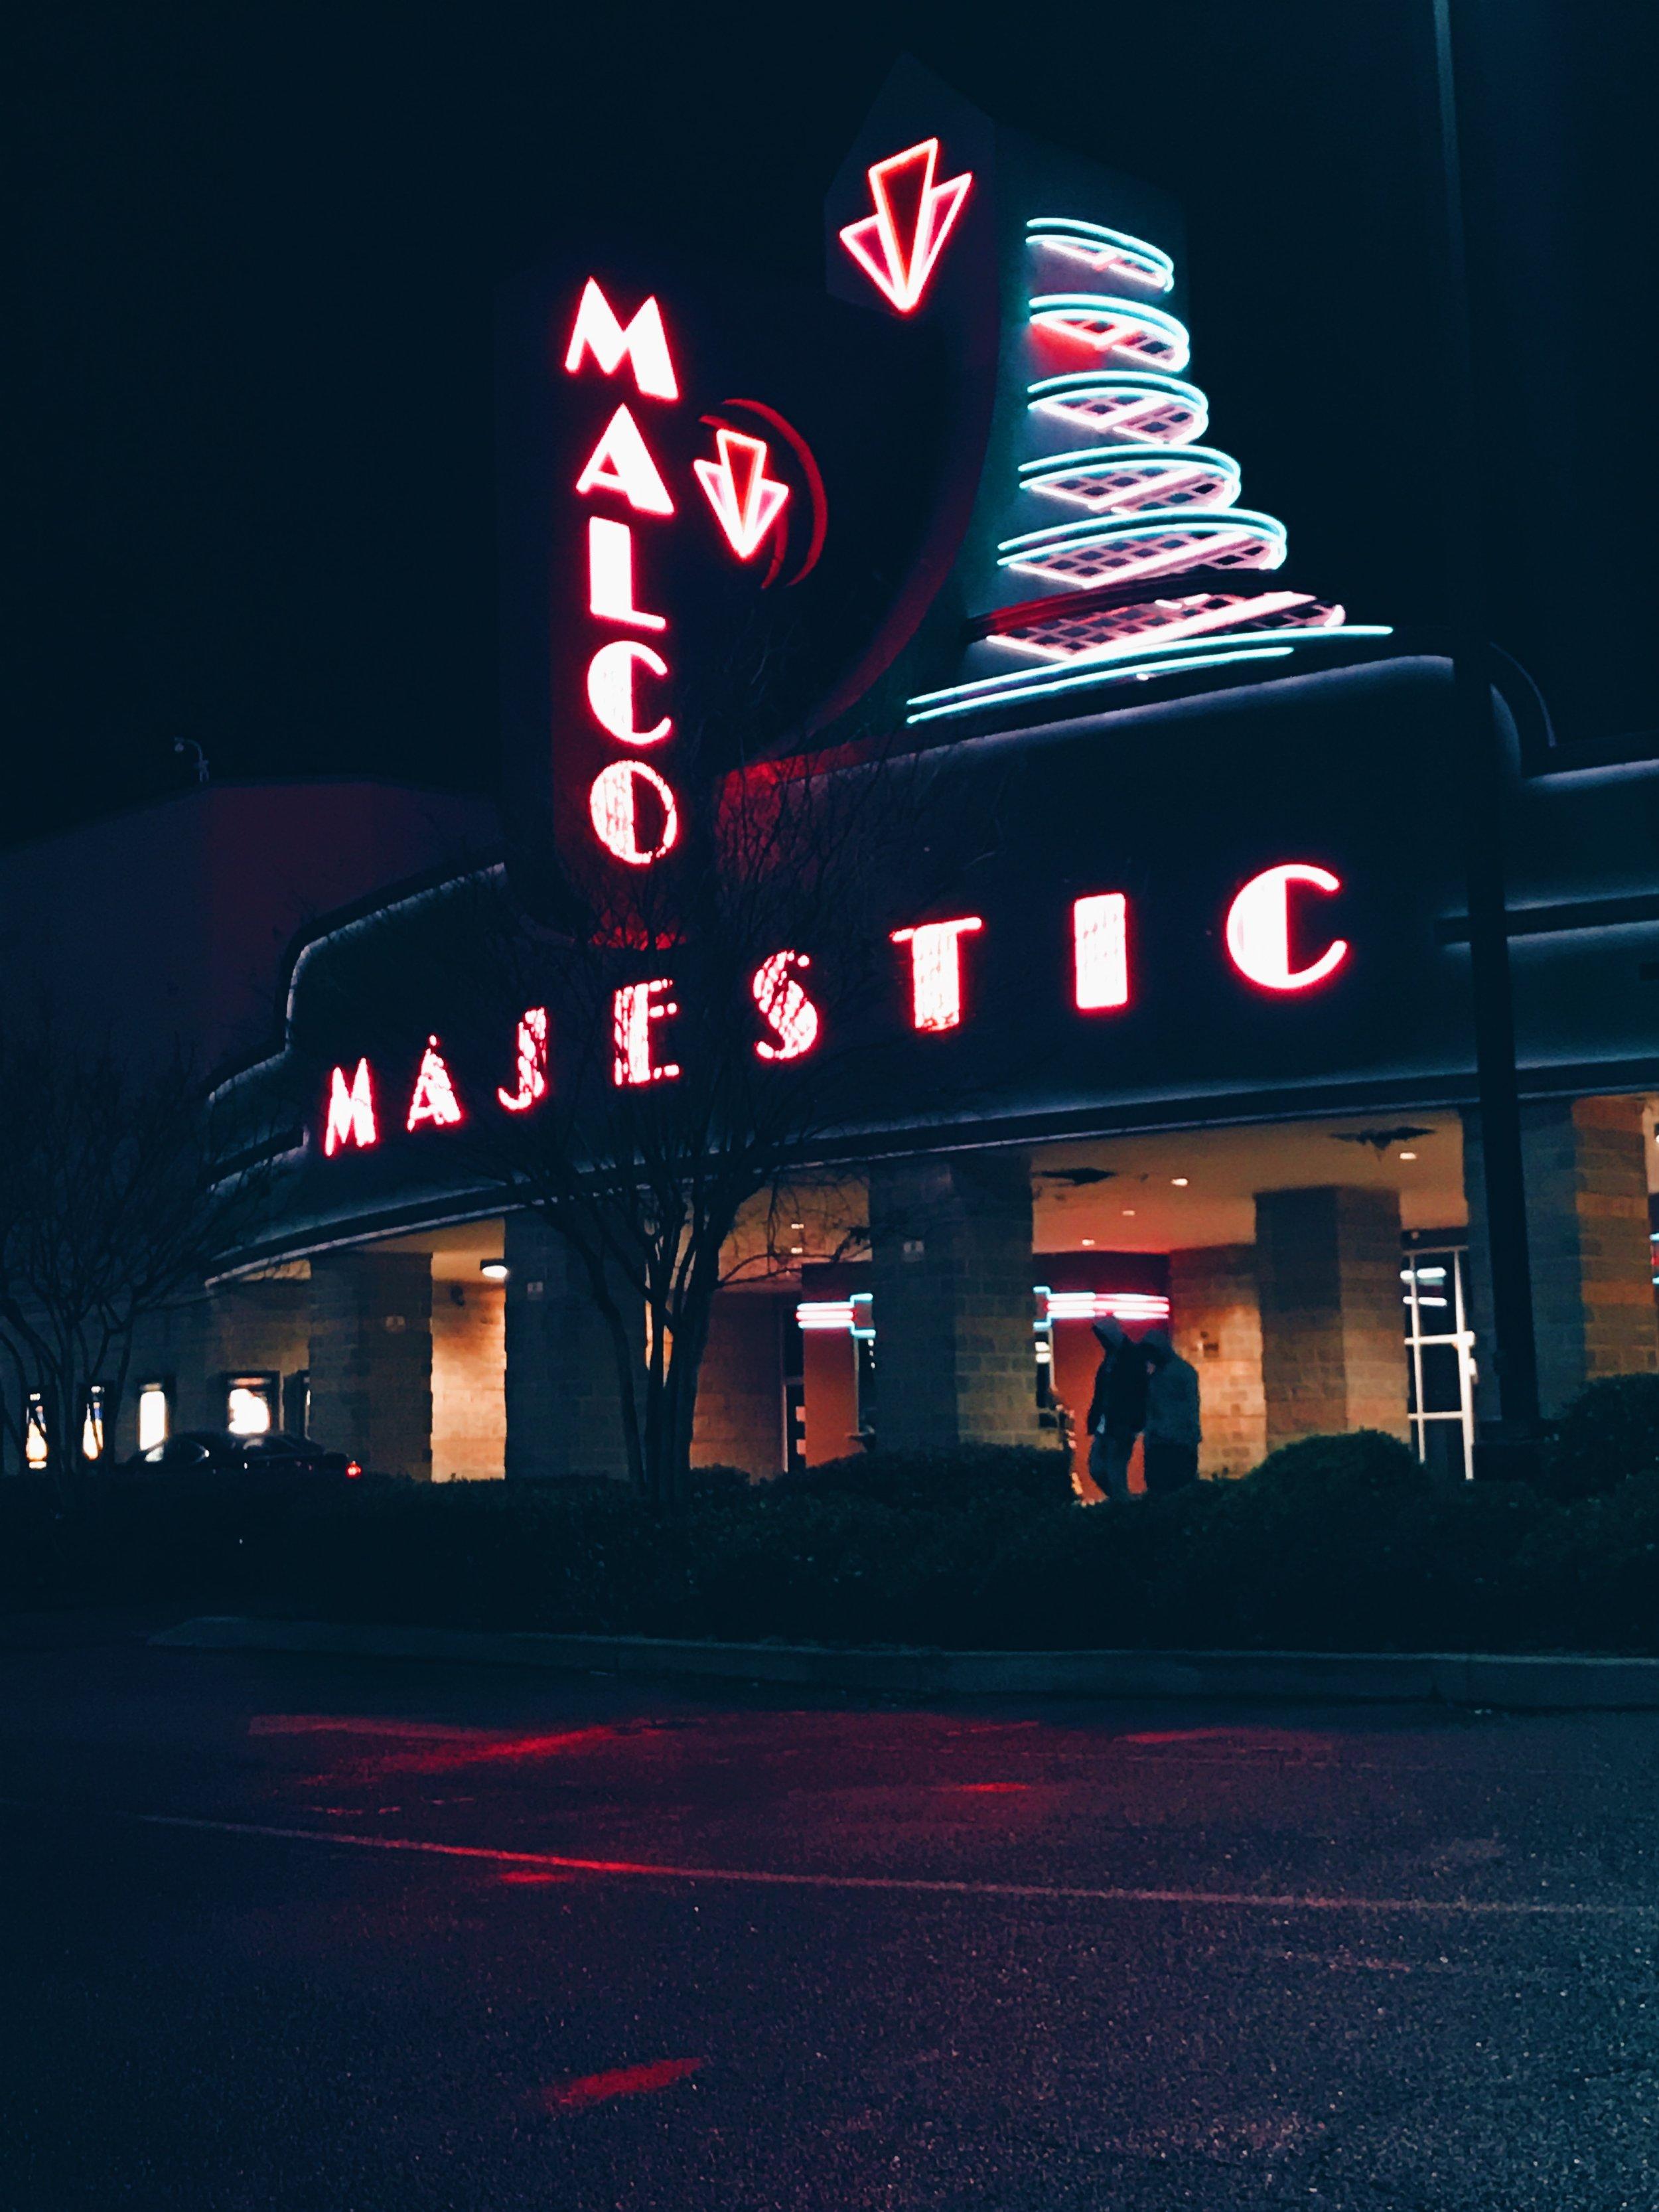 Malco Majestic